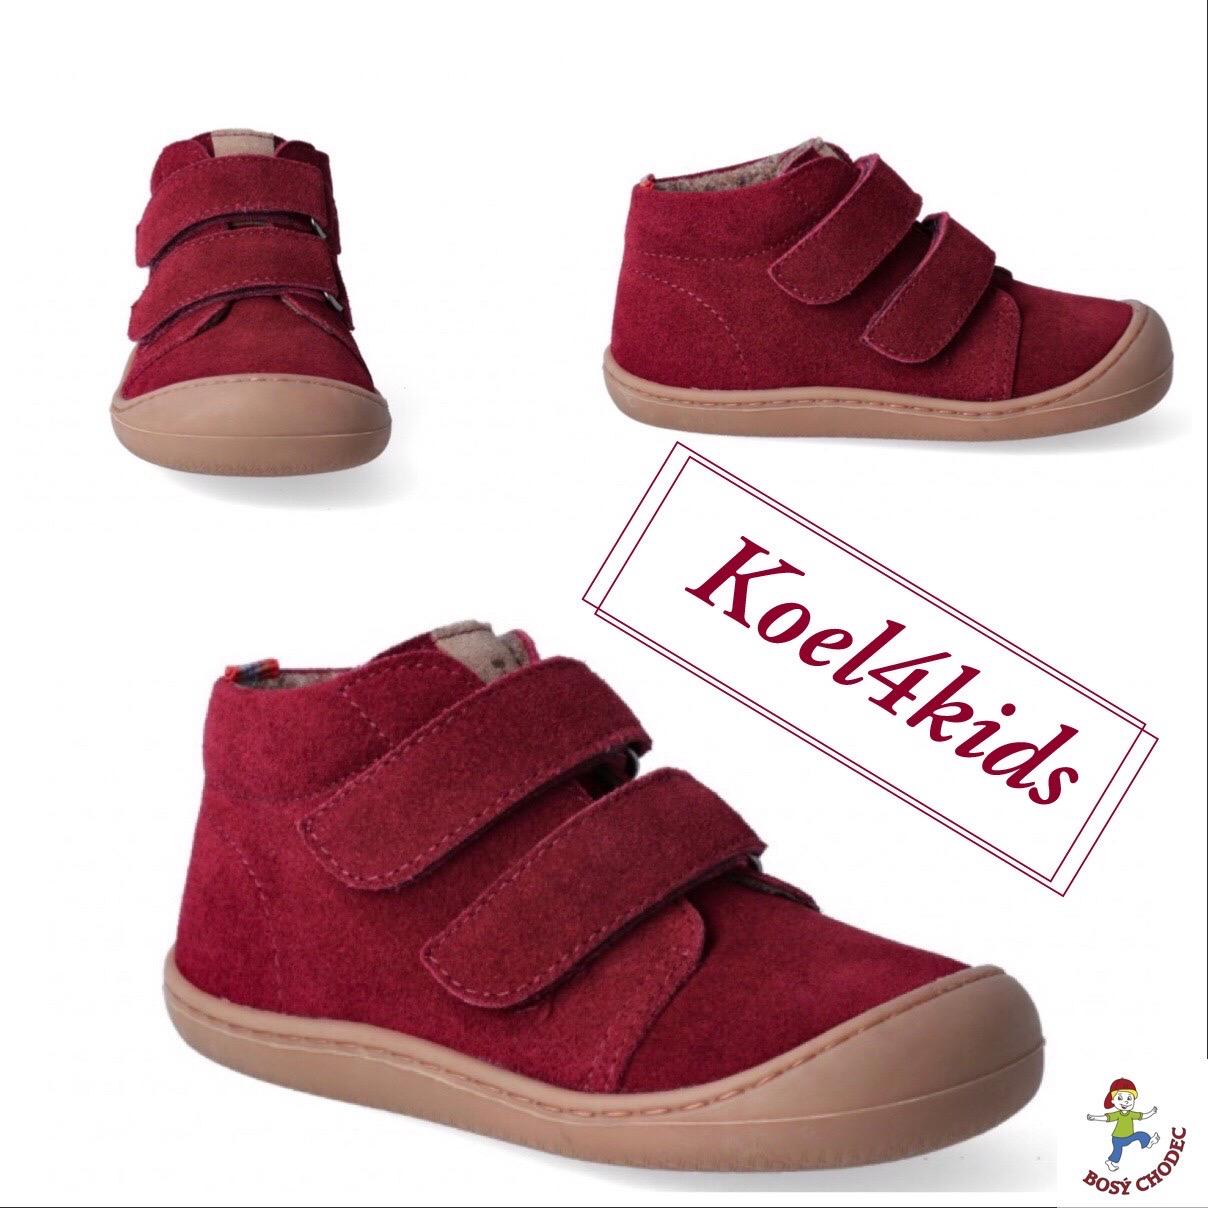 Celoroční dětské boty Koel4kids